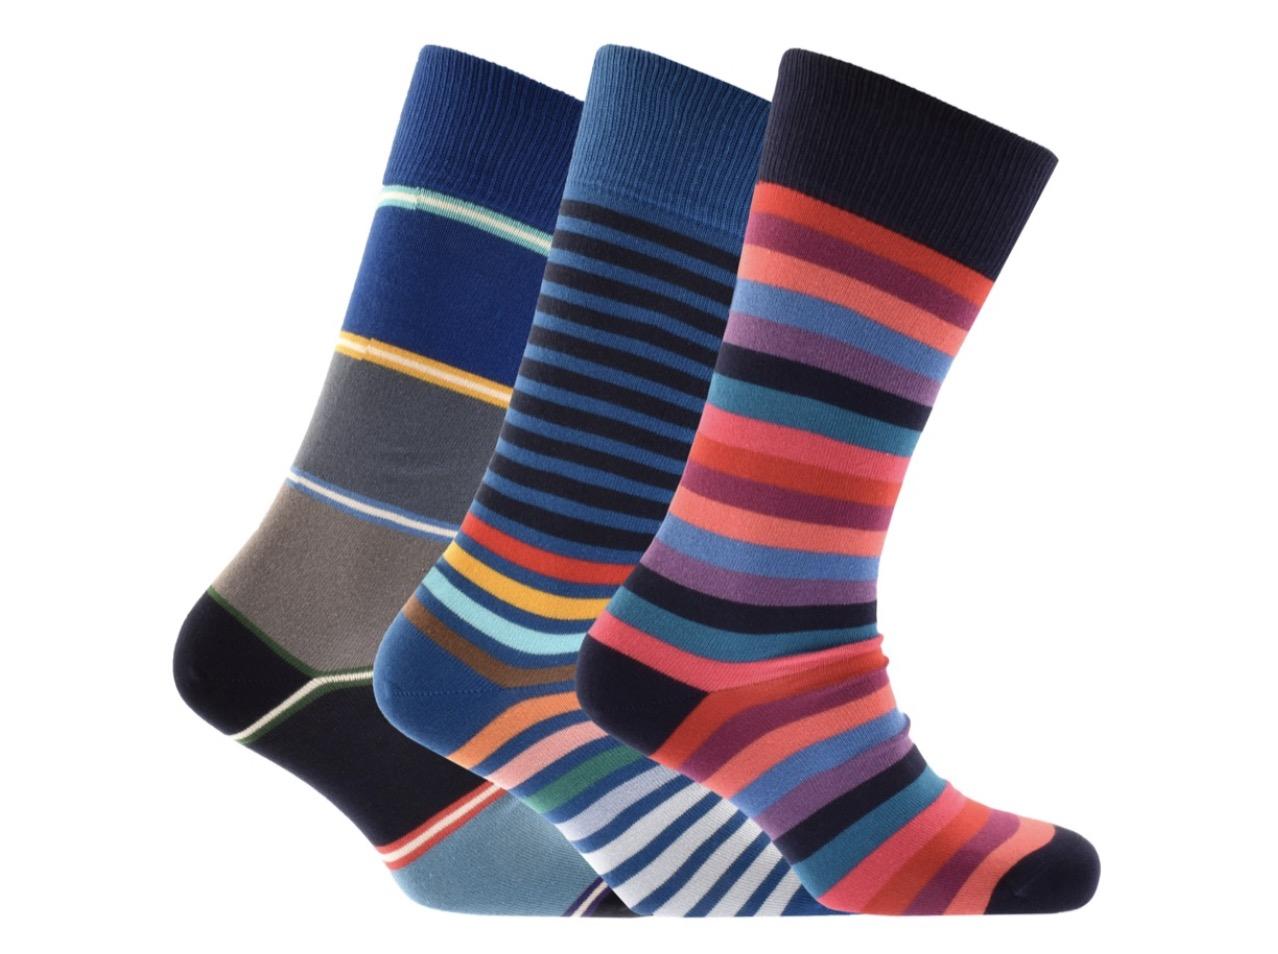 paul smith men's colorful socks